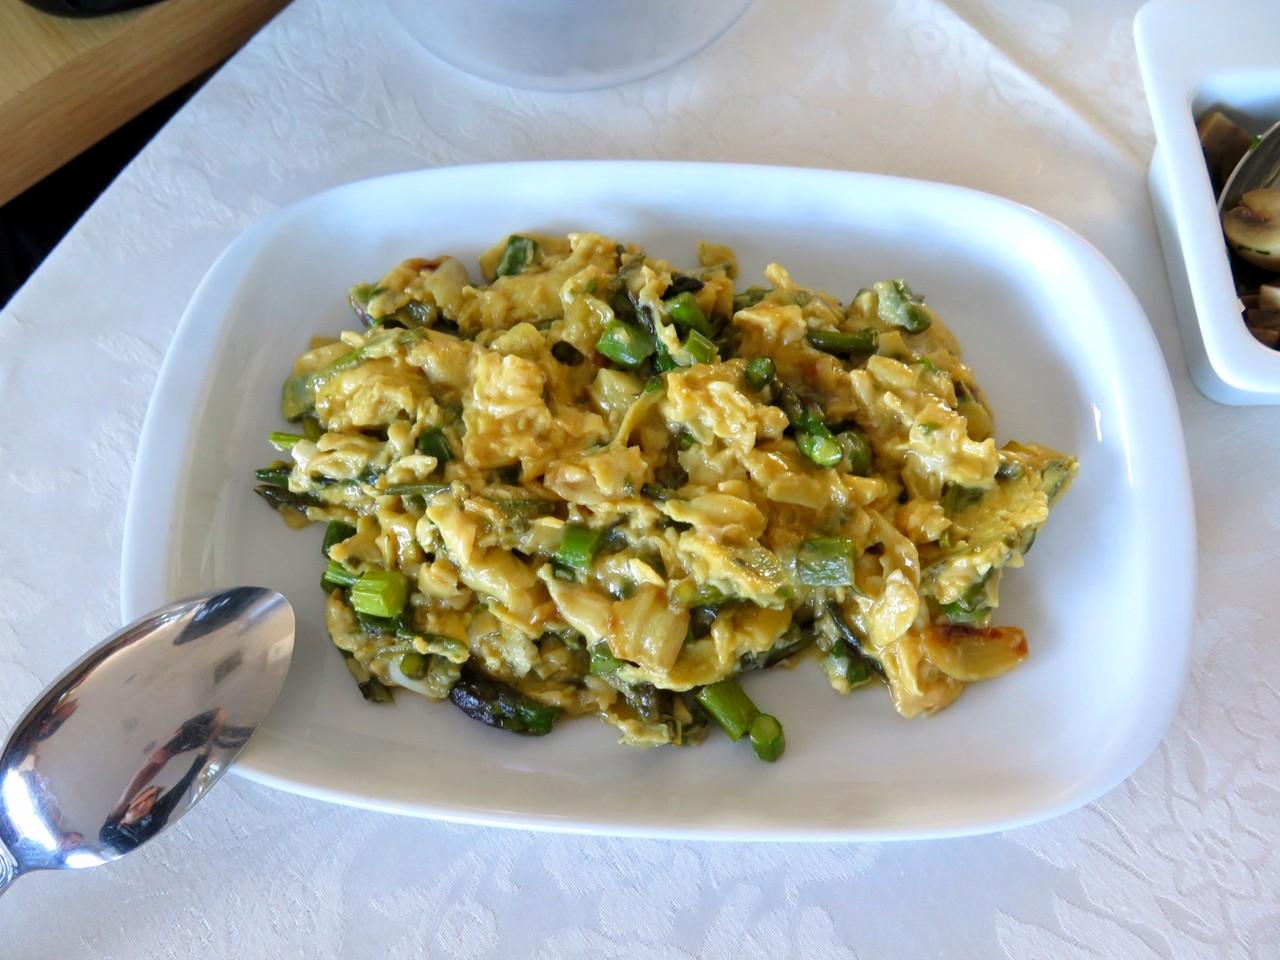 Cozinha tradicional alentejana: Espargos com Ovos